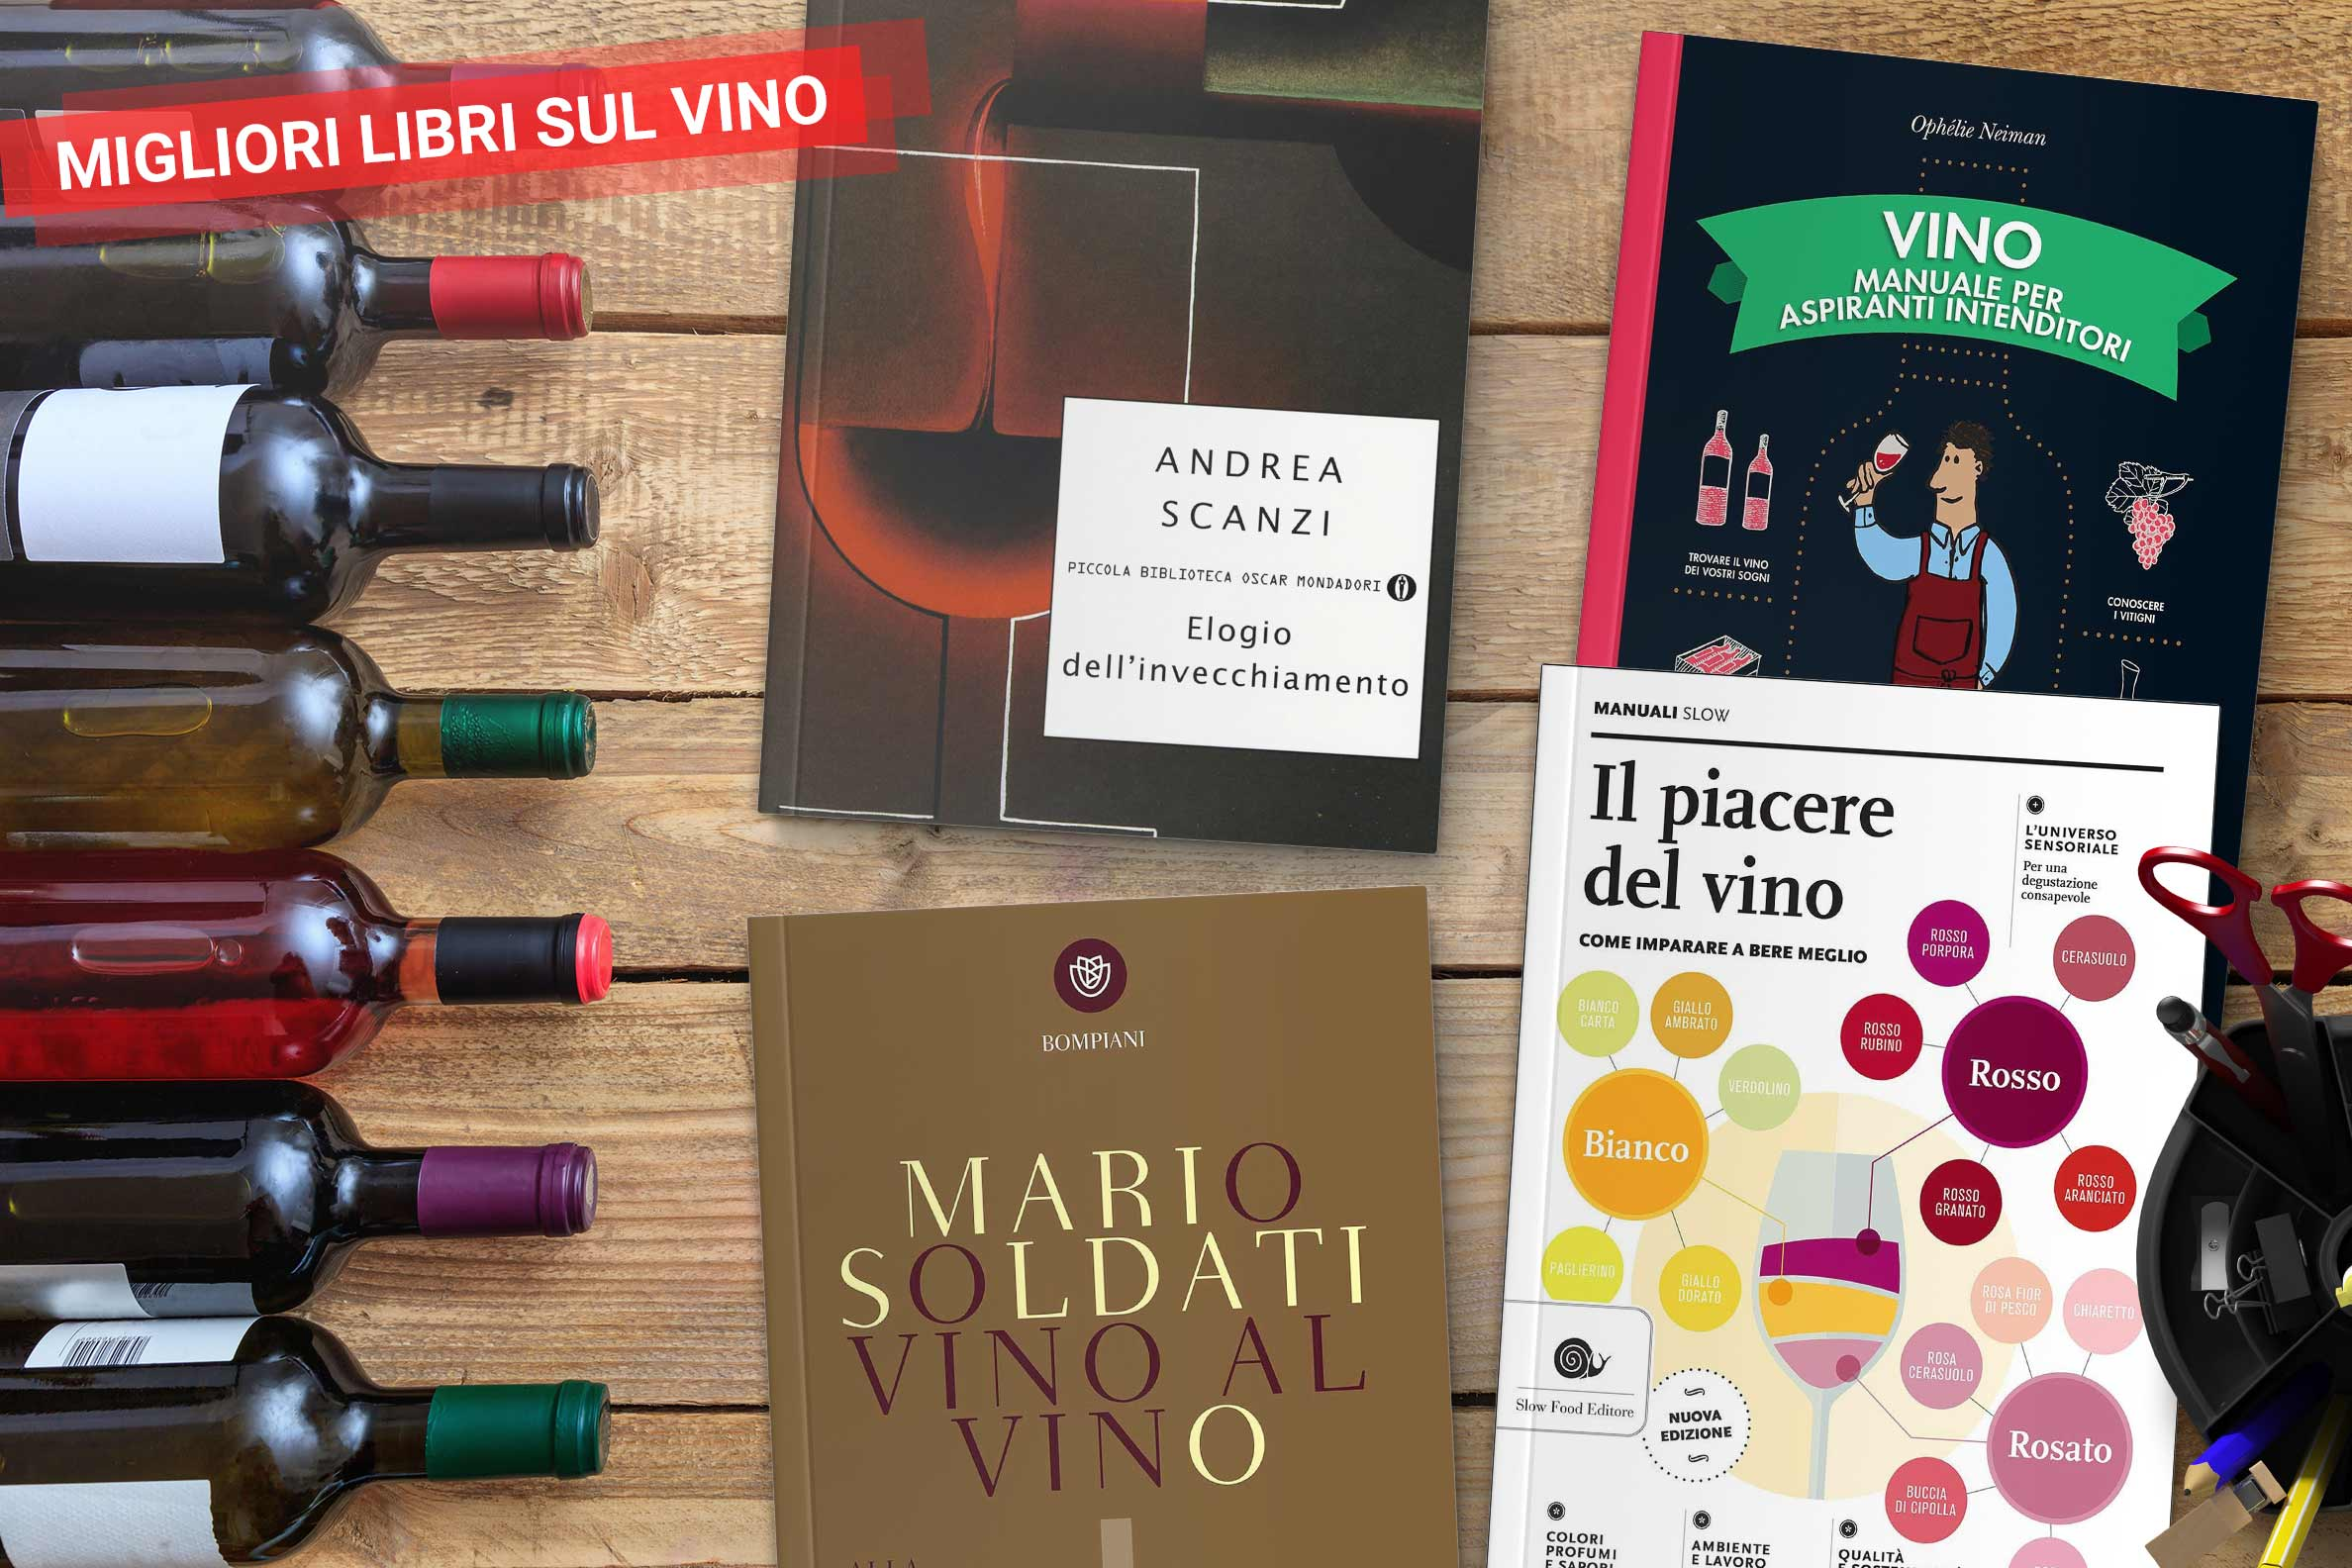 migliori-libri-sul-vino